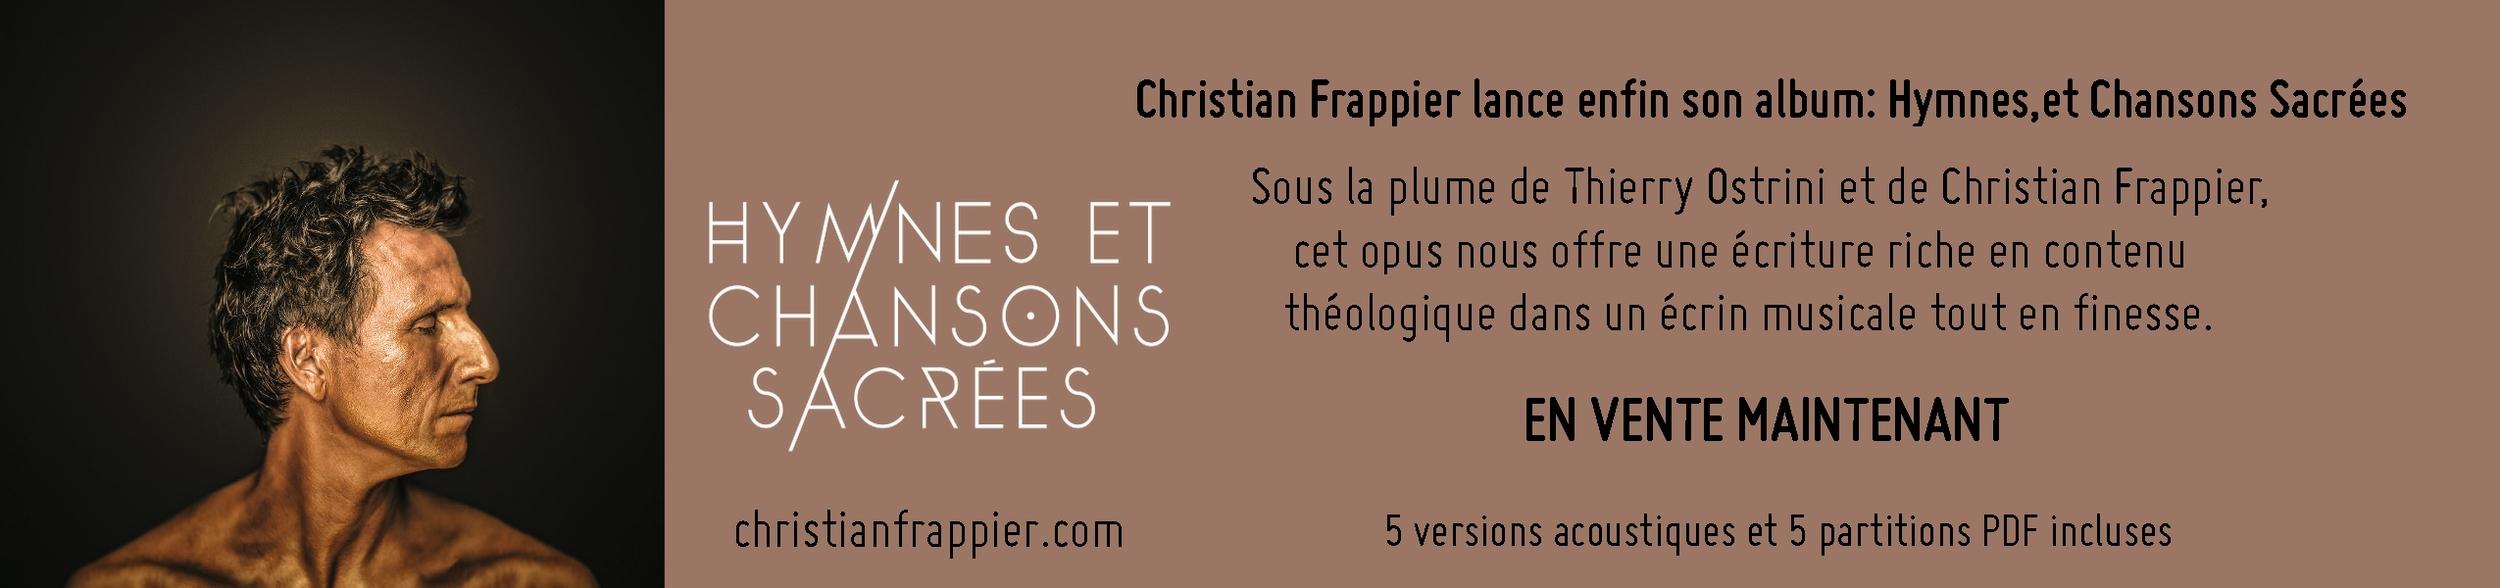 Bandeau WEB Hymnes, et Chansons Sacrées Cri 3f.jpg